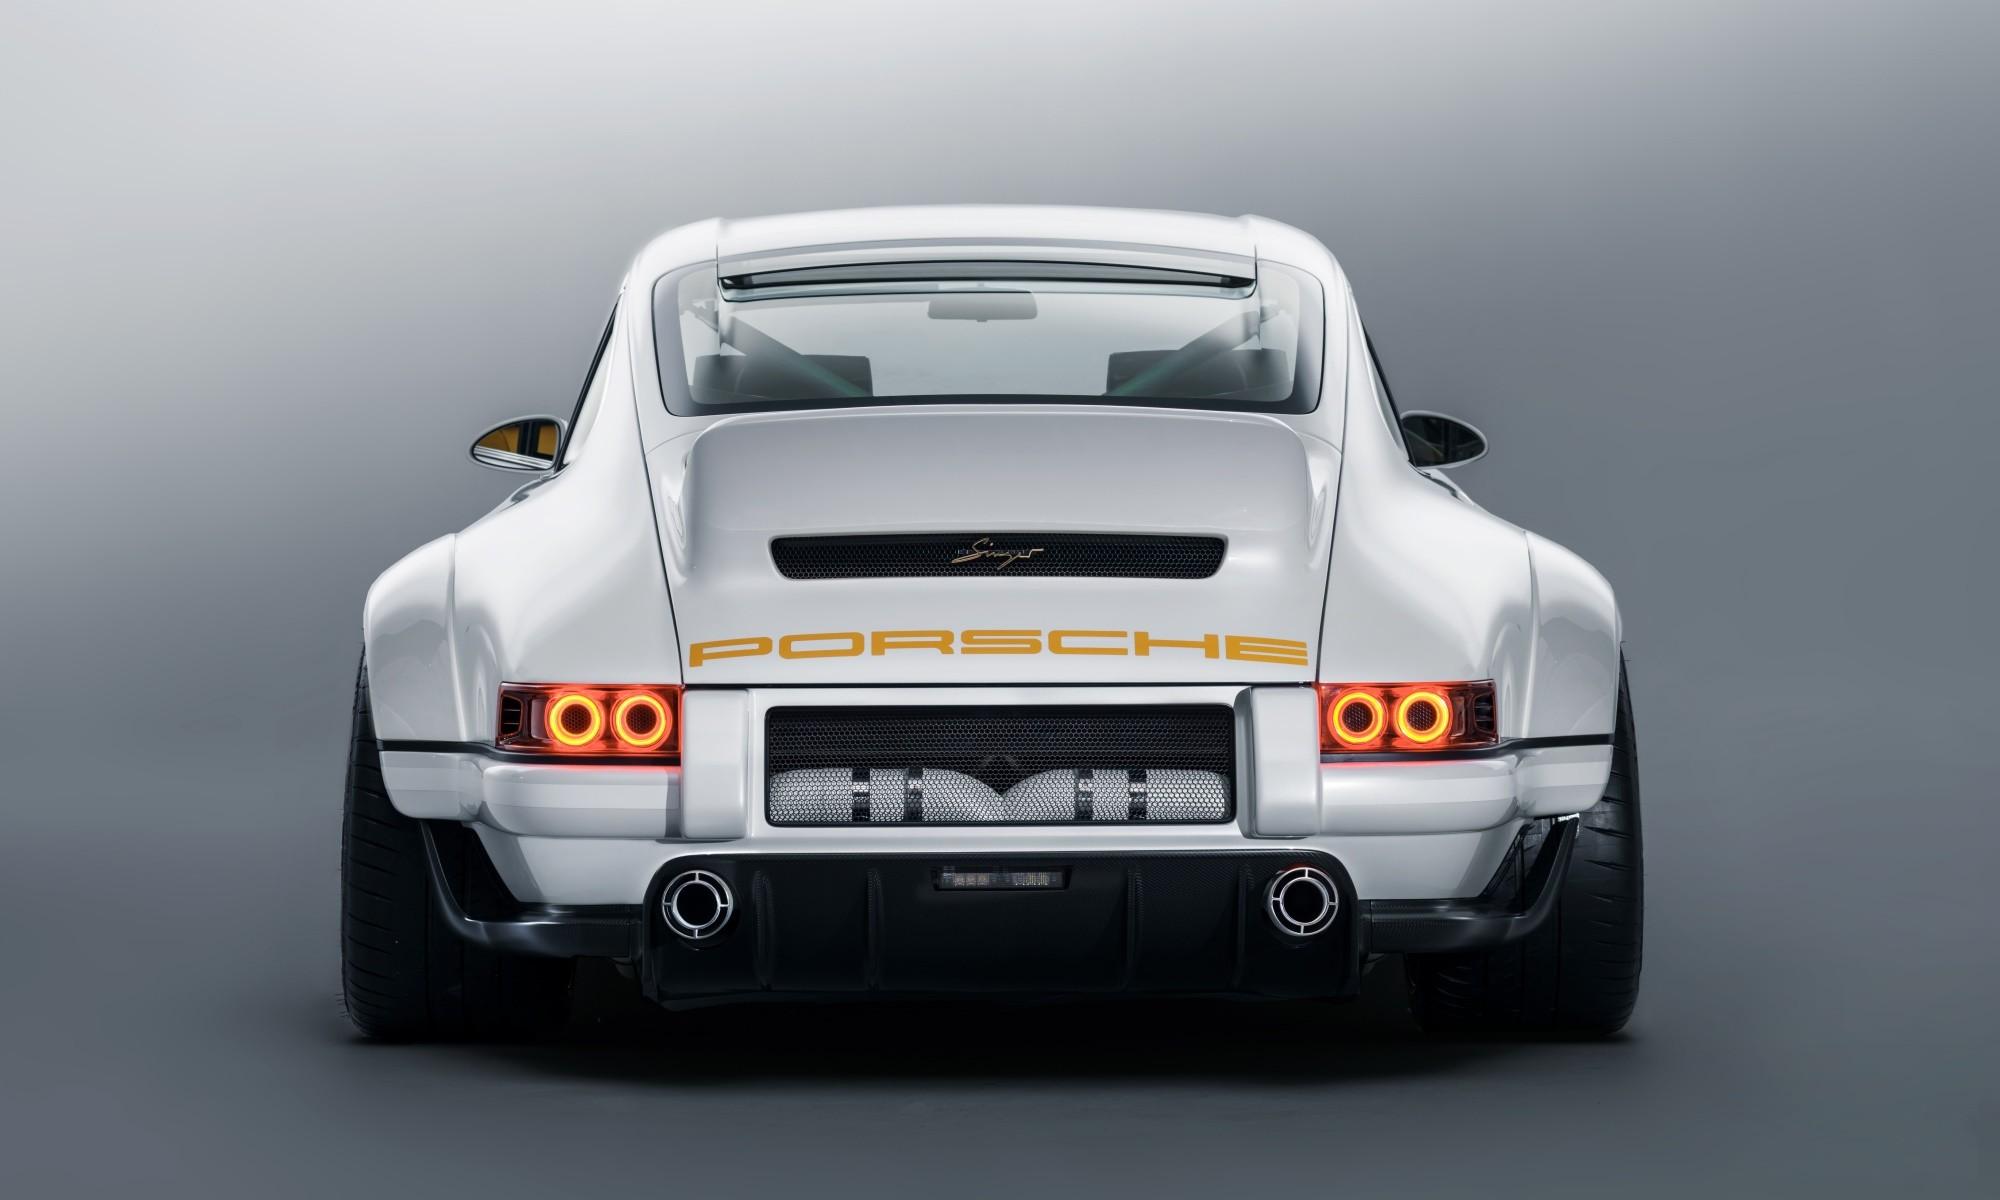 Singer Porsche DLS rear